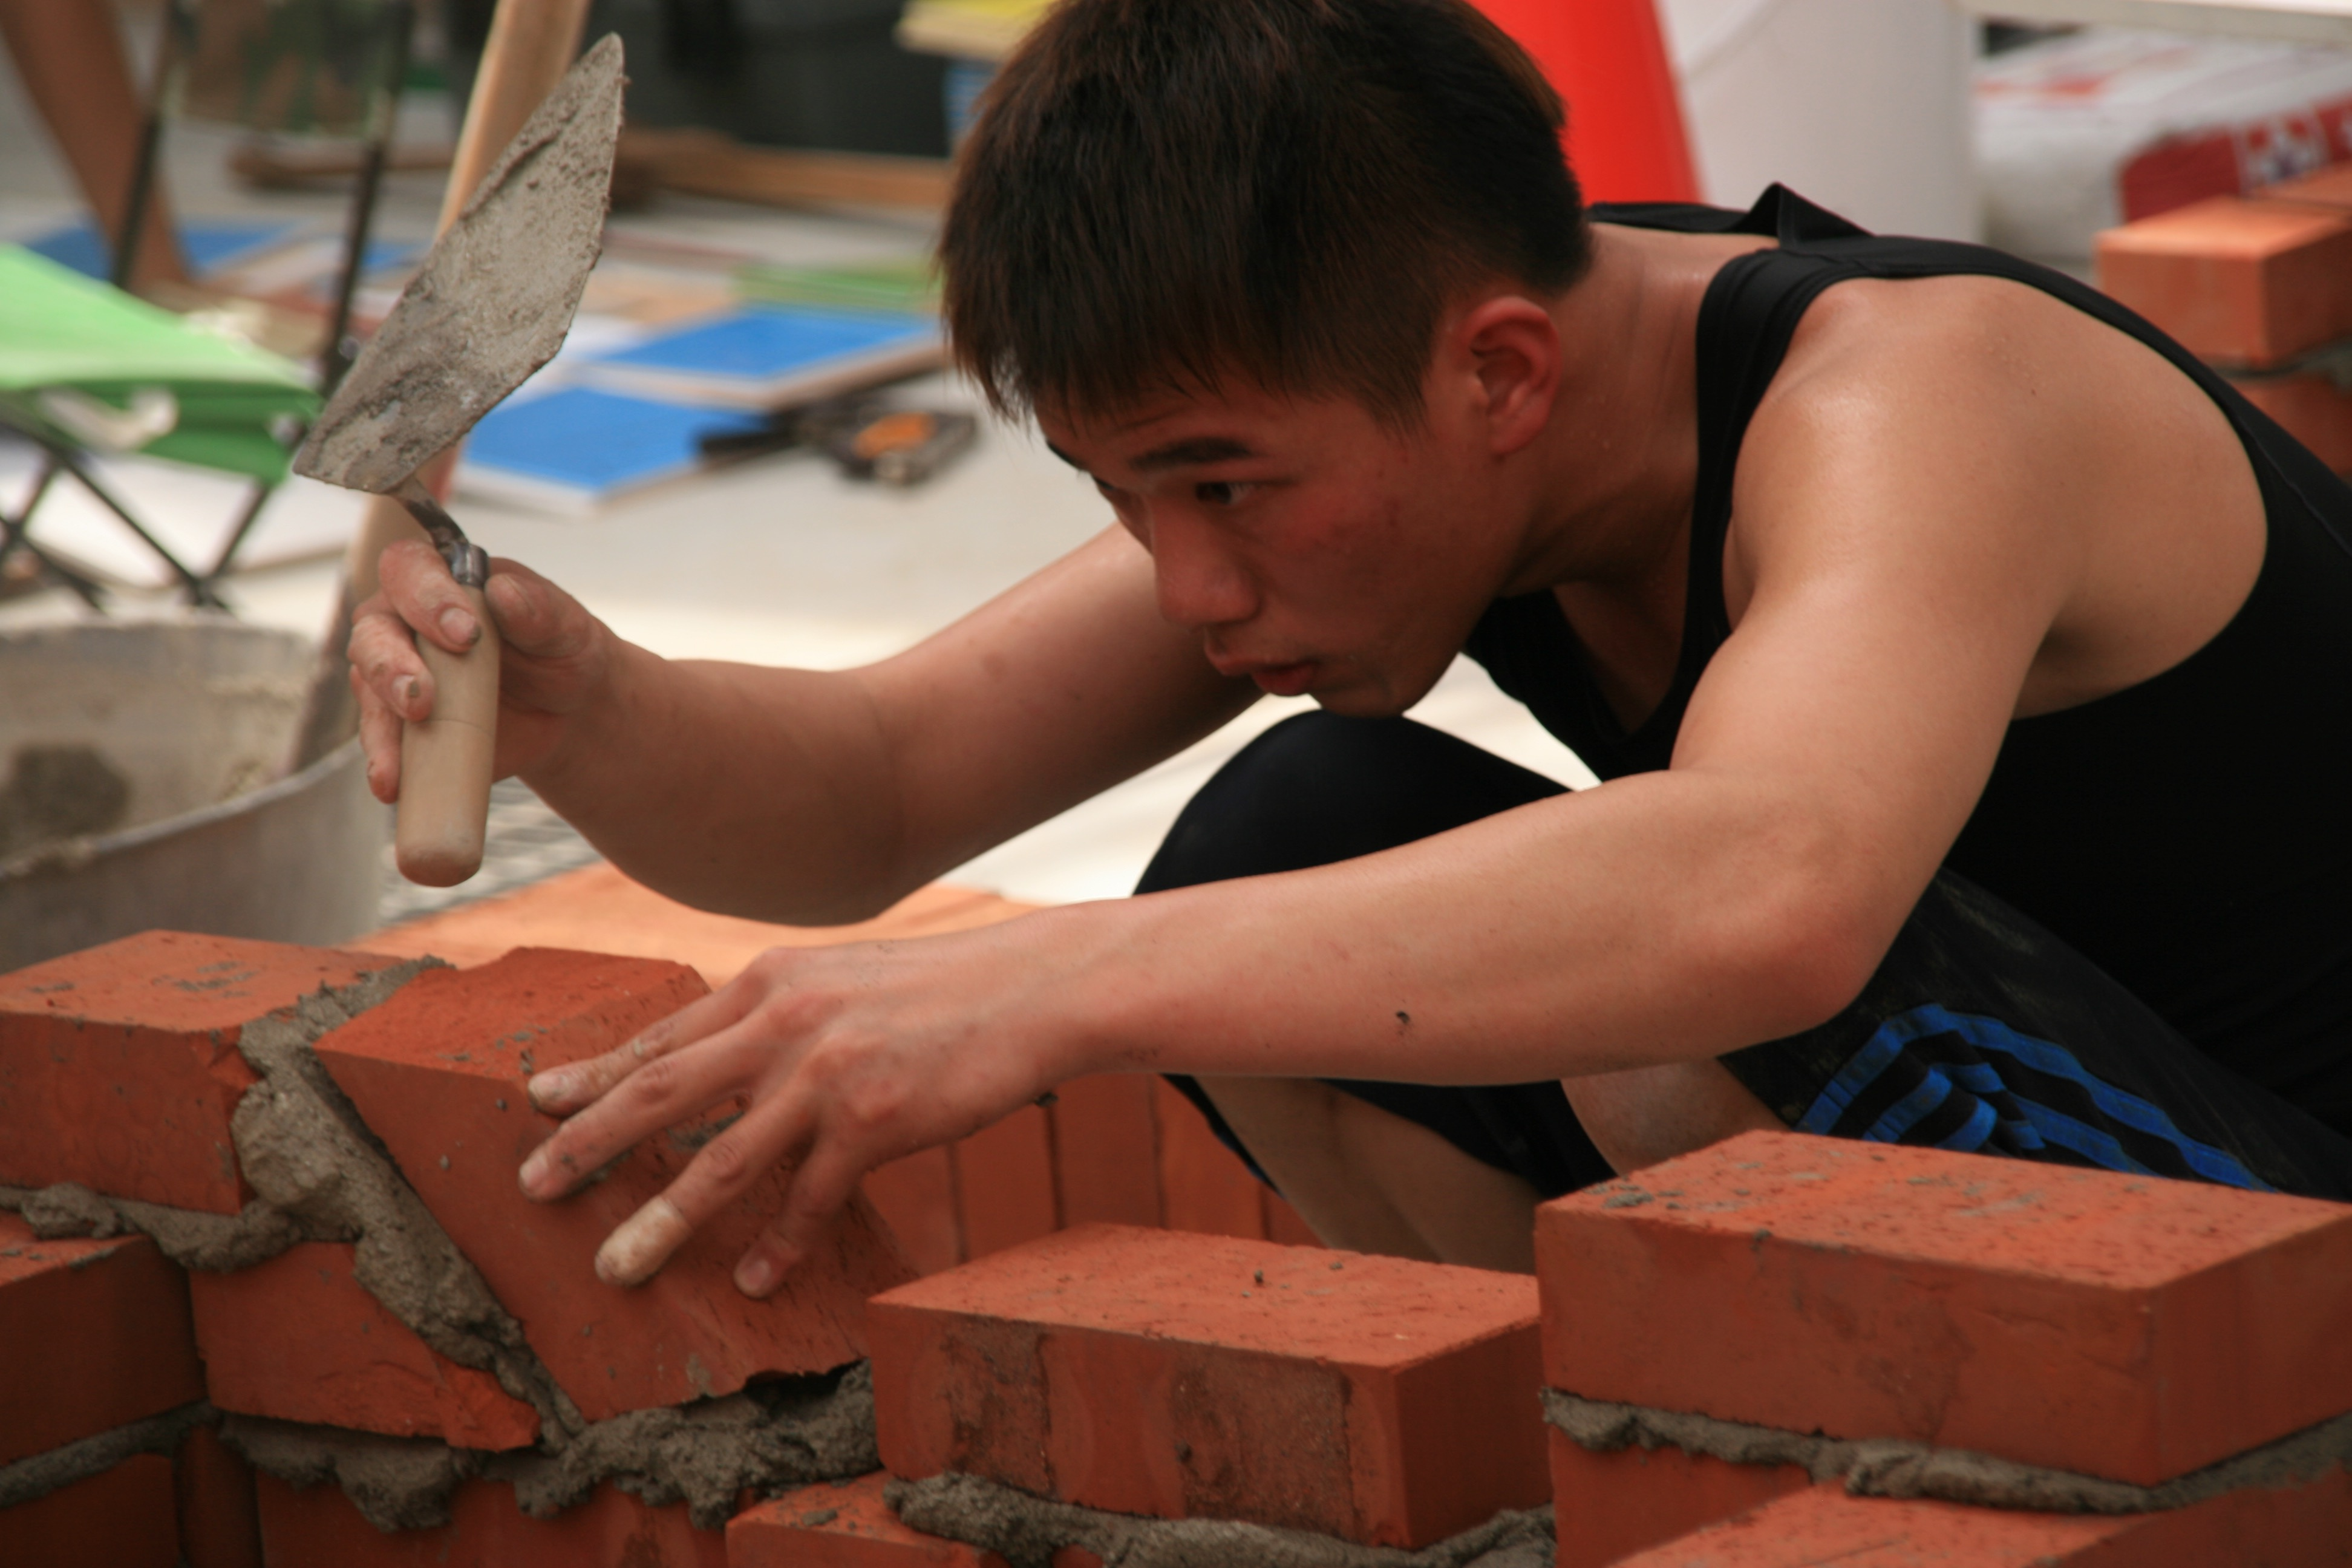 黃偉翔/6成學生選技職代表「技職出頭天」?只是另類的升學捷徑罷了